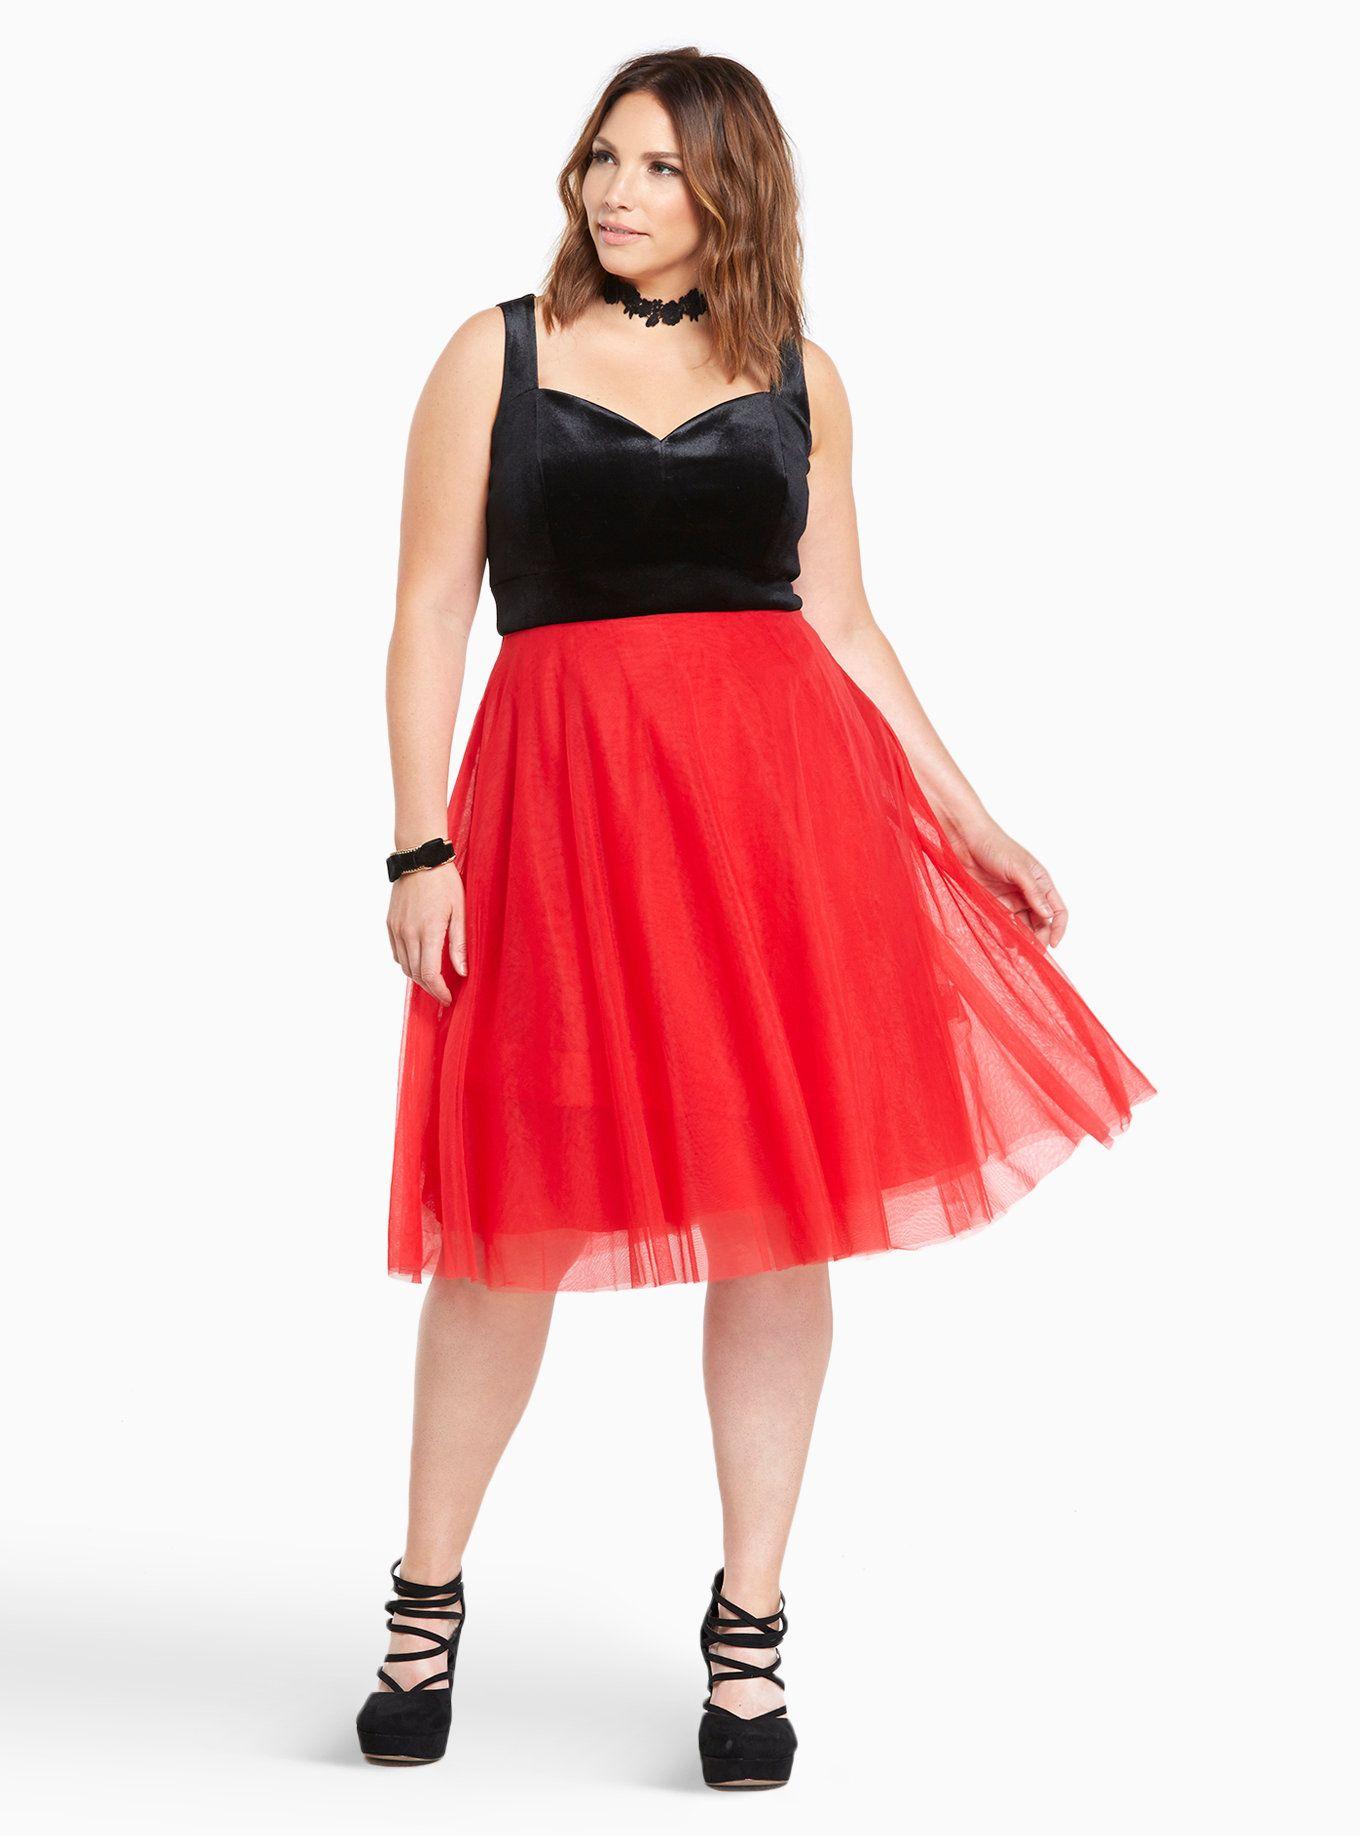 Velvet tulle midi dress red tulle skirt midi dresses and tulle skirts